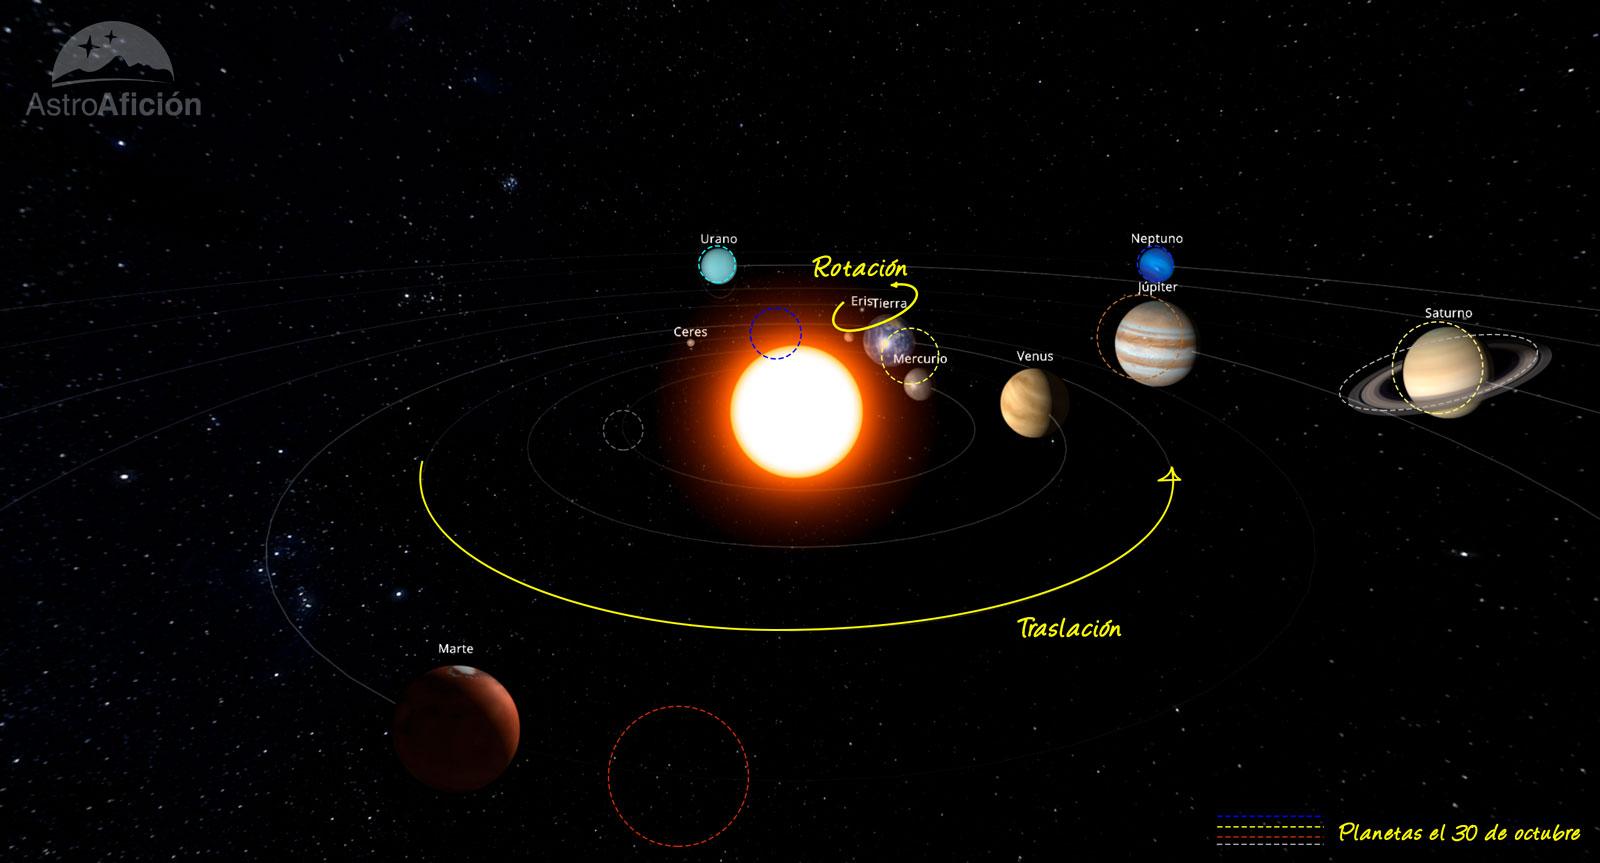 Efemérides astronómicas de octubre de 2021